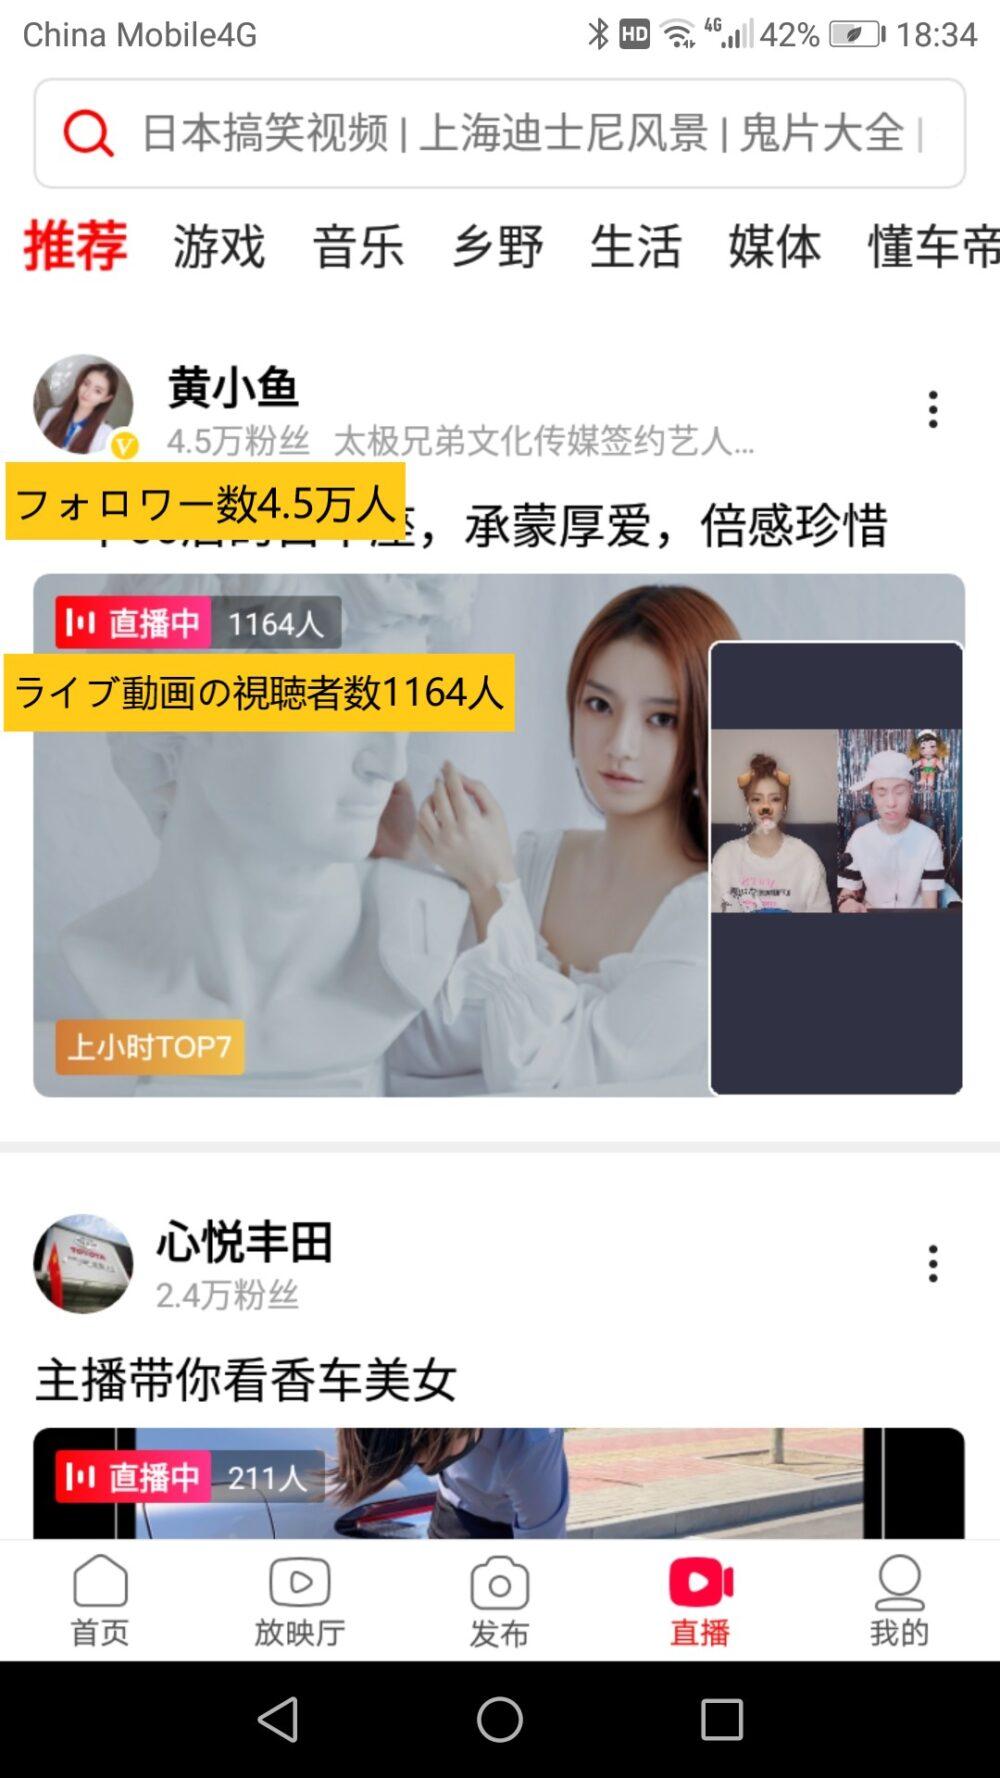 西瓜视频でライブ動画を配信している中国人女性のトップ画面のスクリーンショットの画像